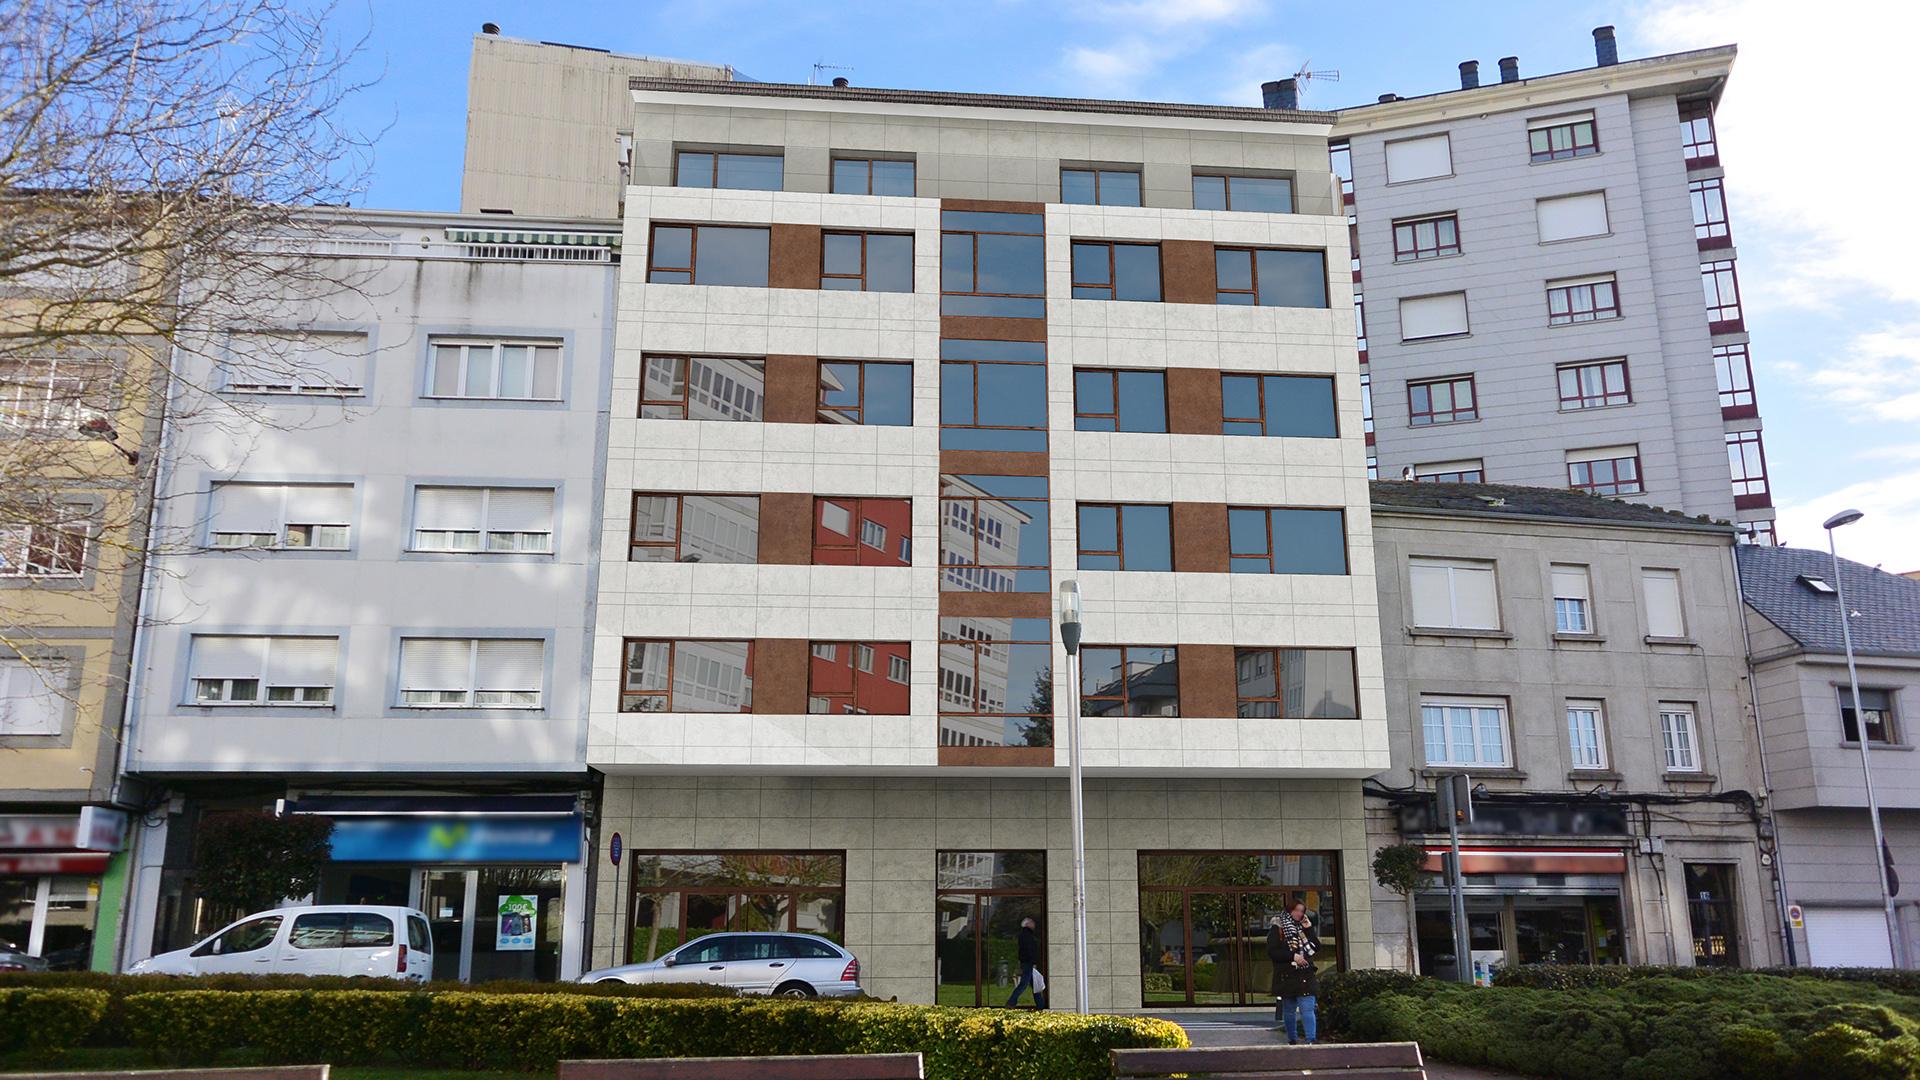 02_Aringal Dmanan Edificio Fonte do Rei fachada diseño industrial Zaton diseñadores